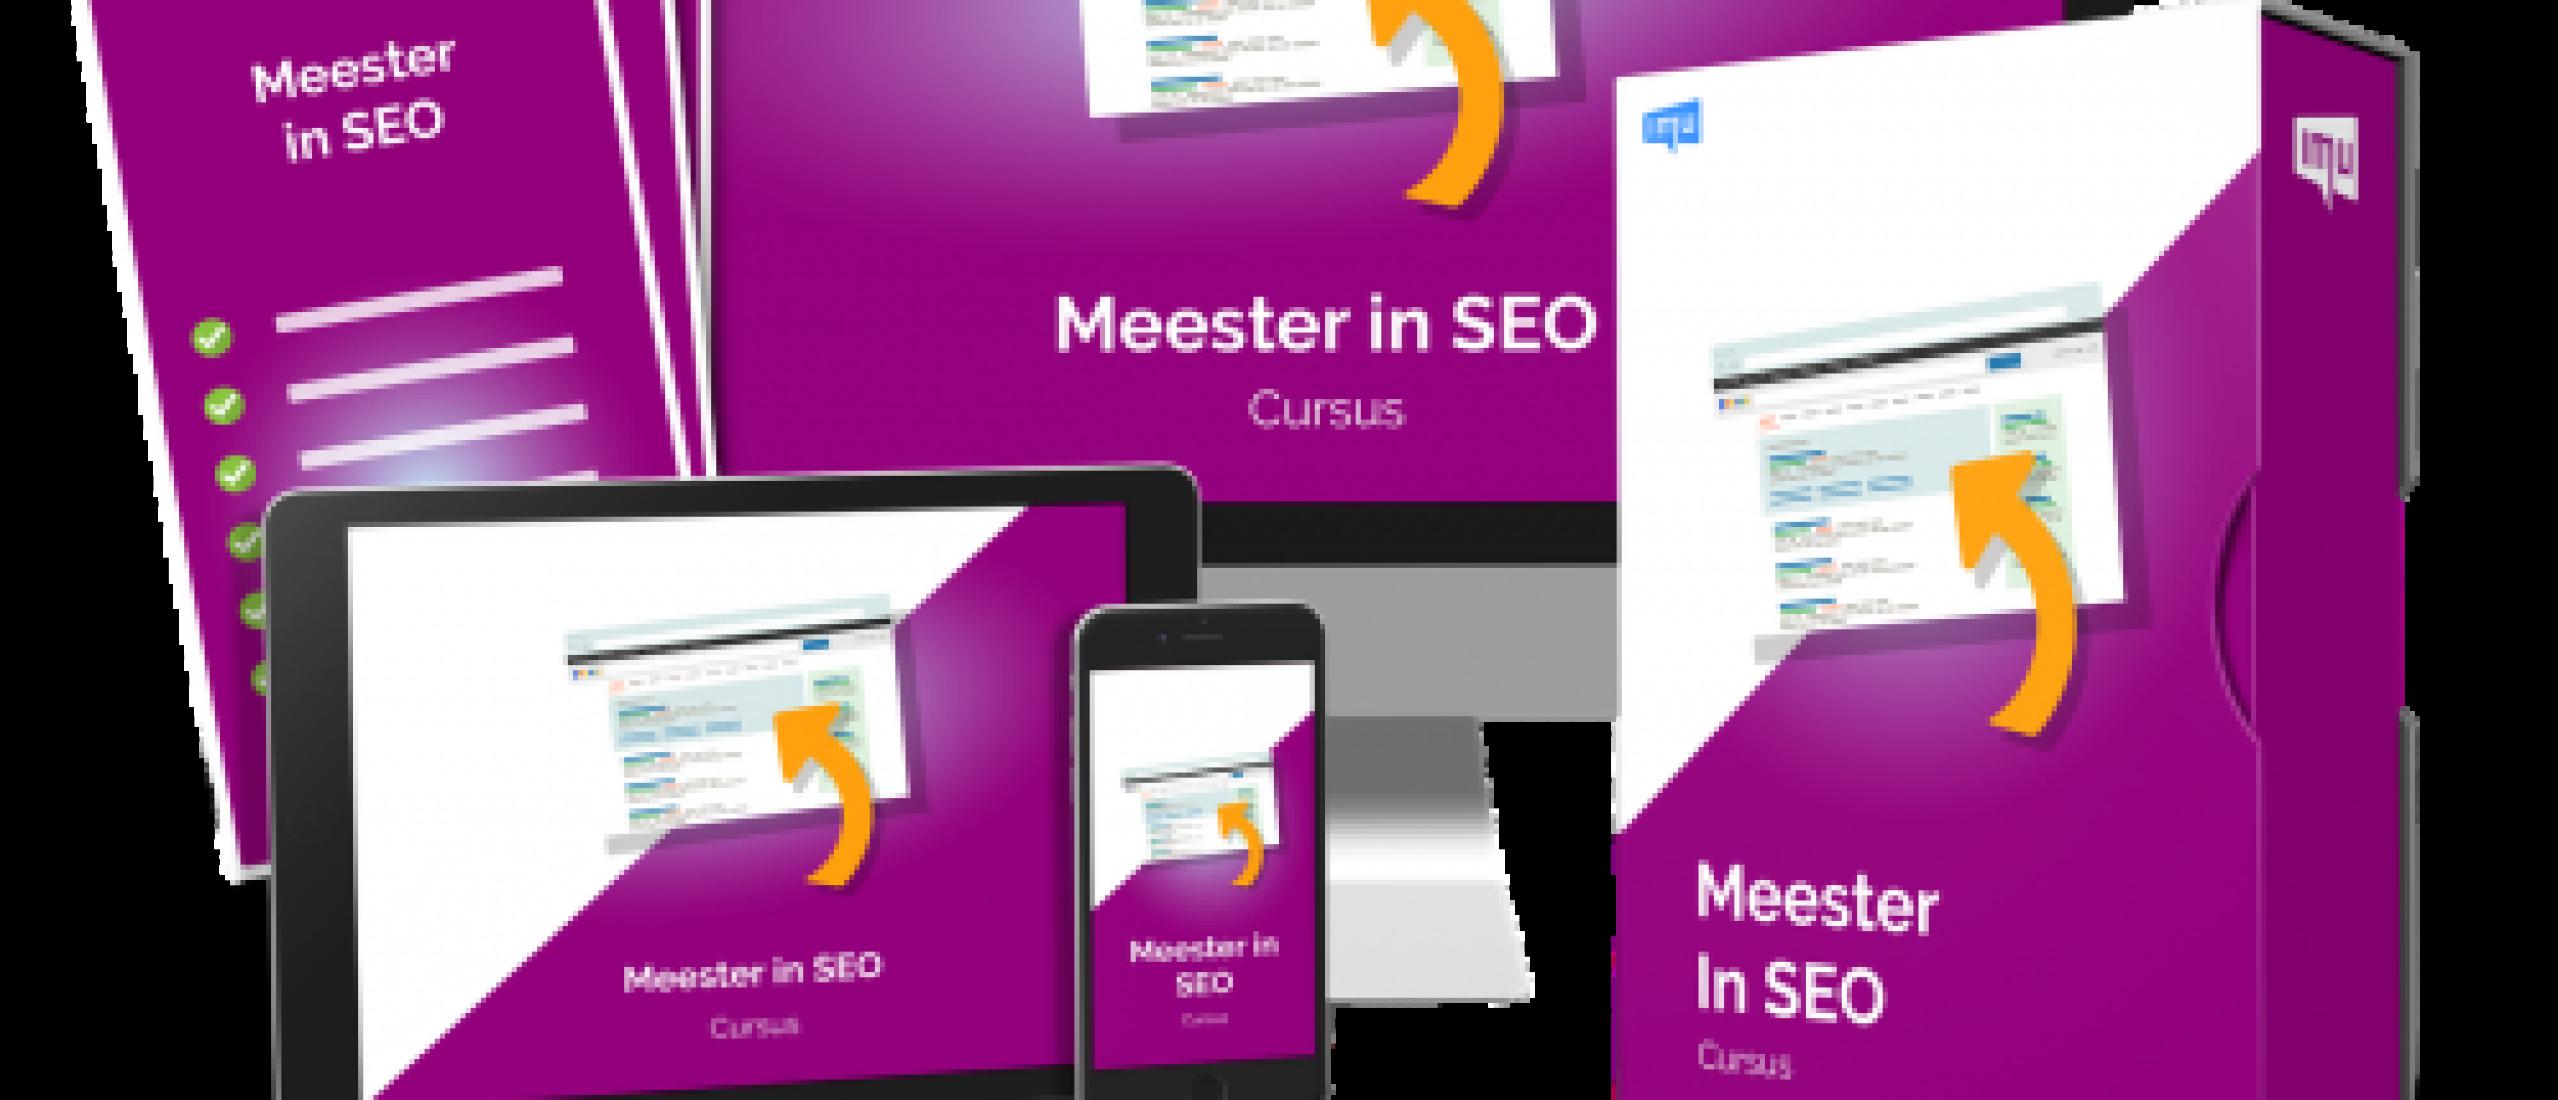 Review - Domineren in Google met de Meester in SEO cursus?